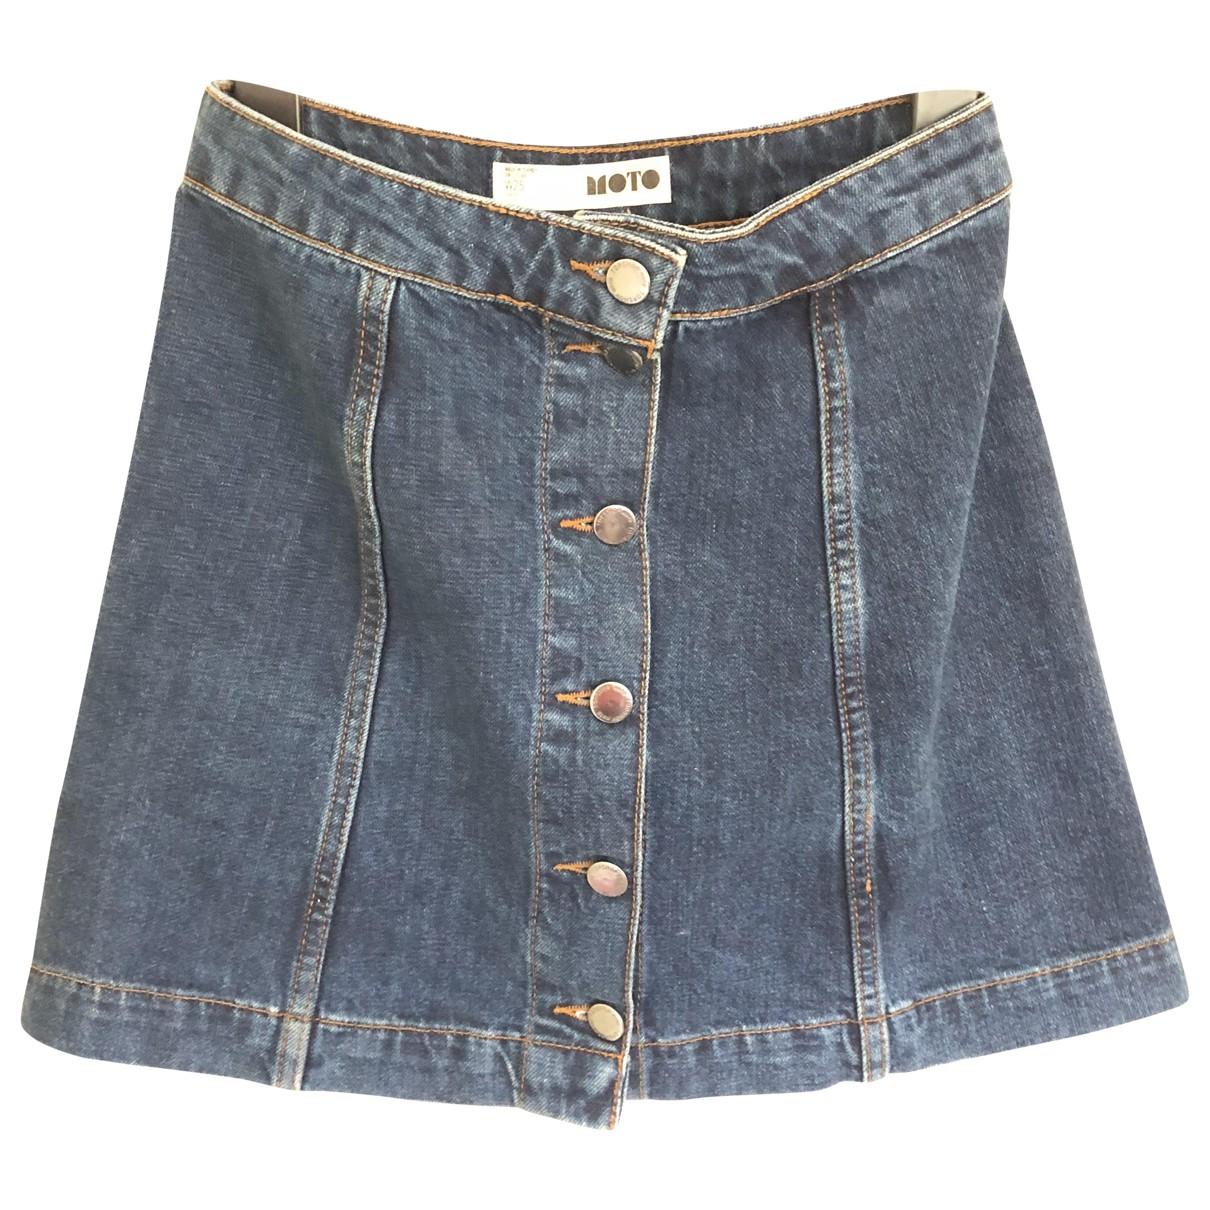 Topshop - Jupe   pour femme en denim - bleu